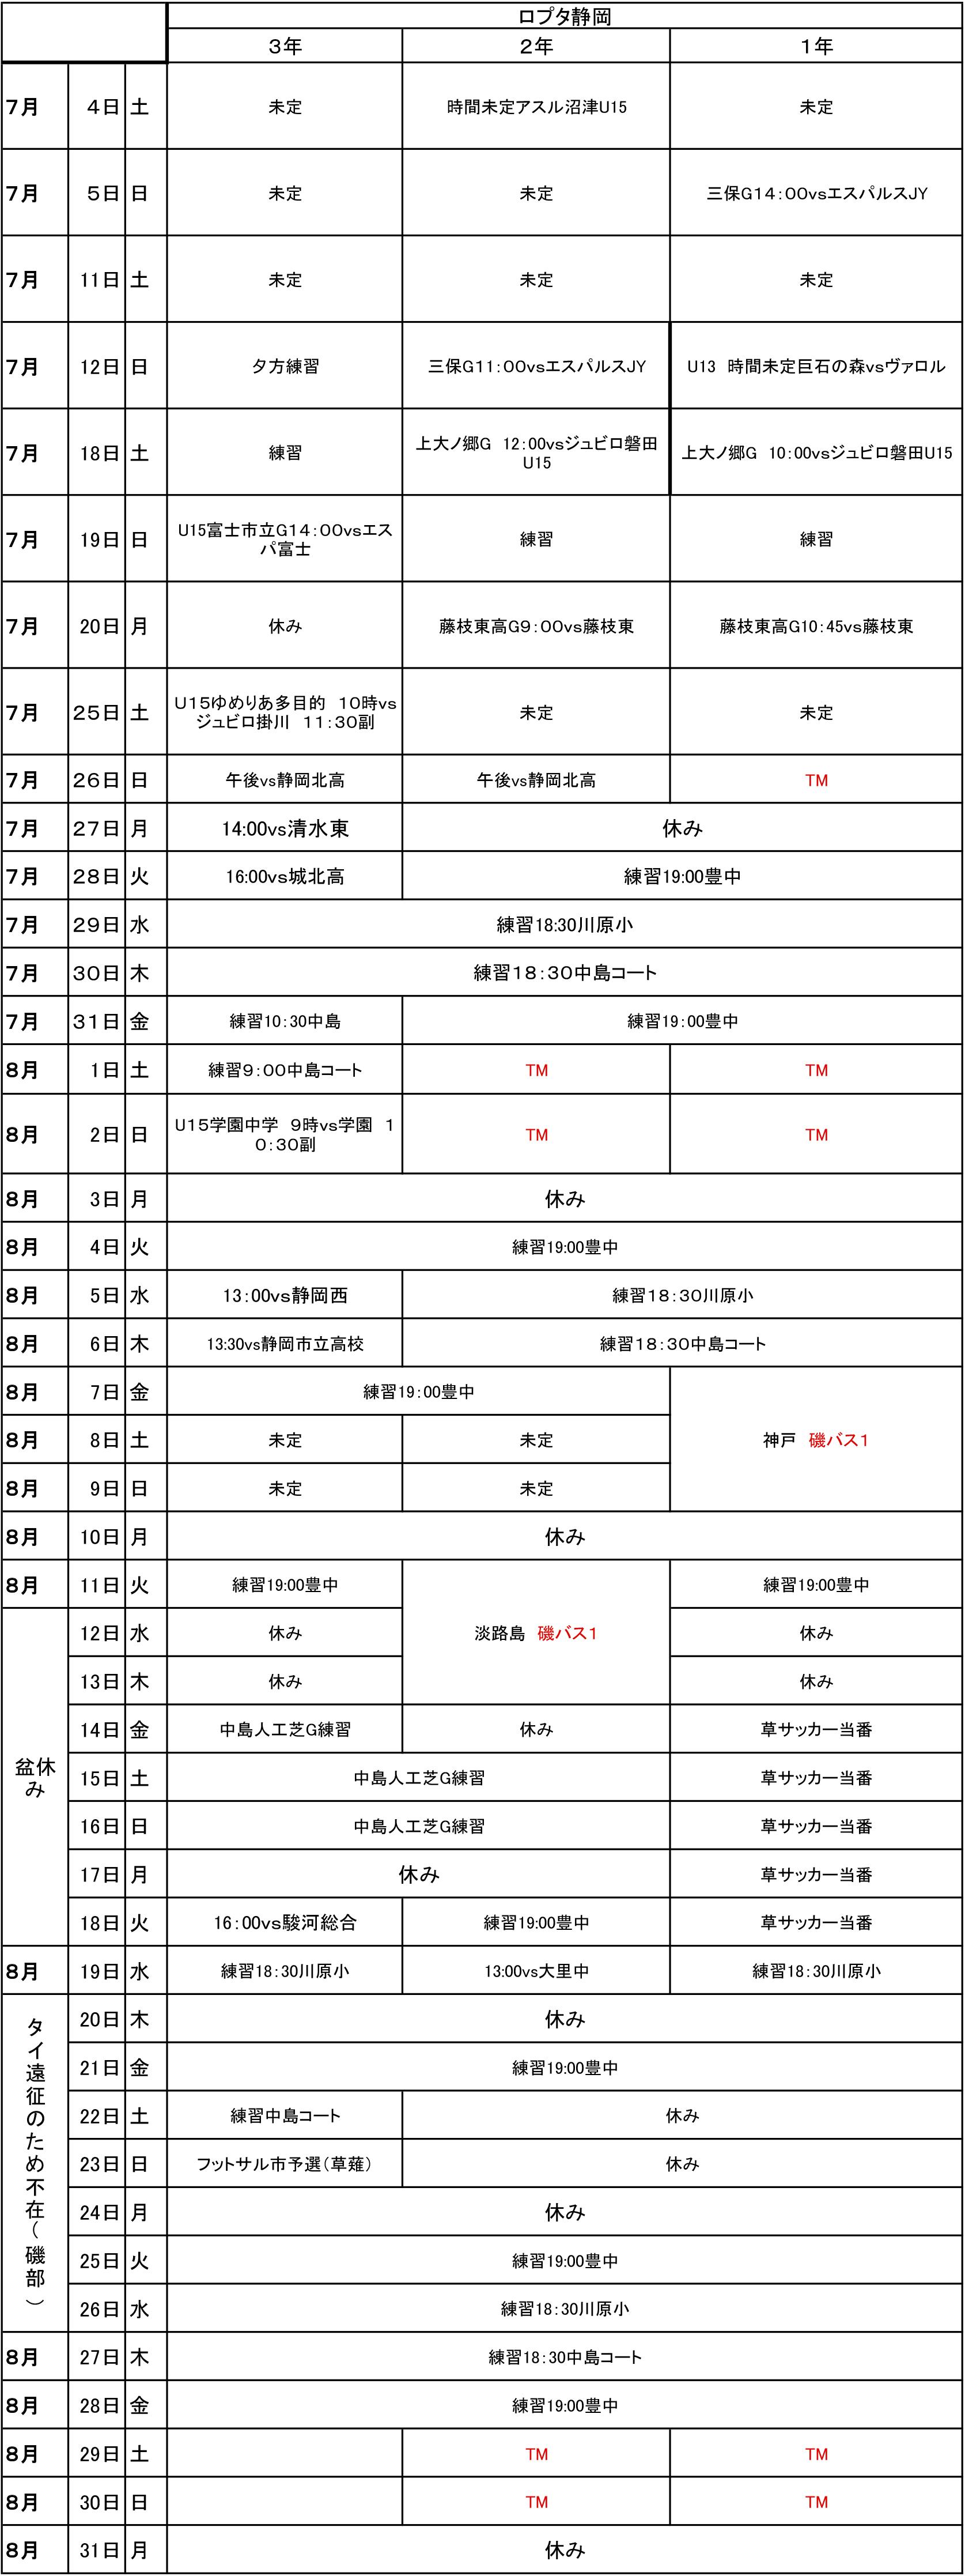 《ロプタ静岡》2015年夏休みスケジュール